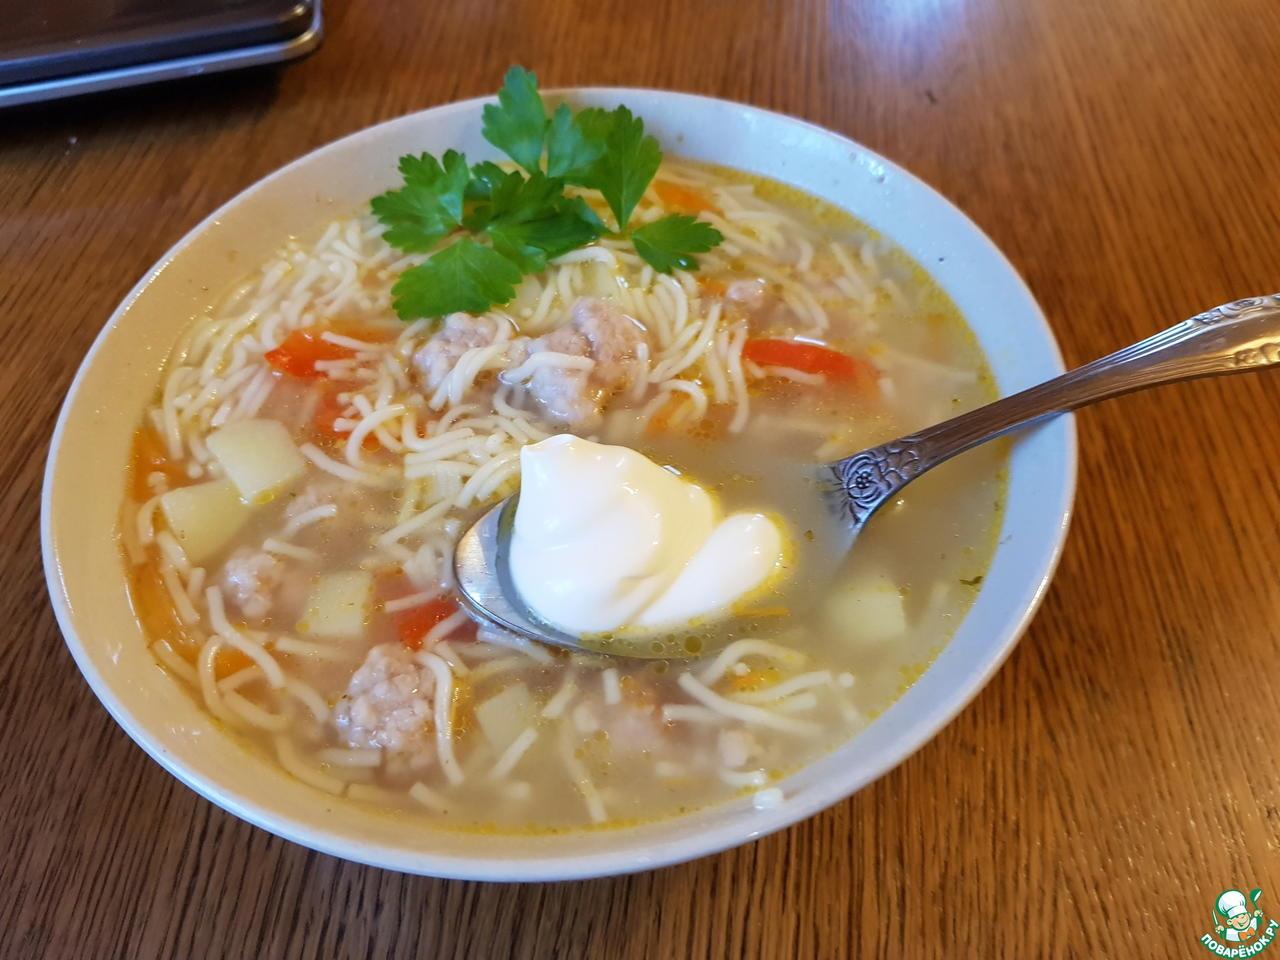 Как приготовить суп с фаршем из разного вида мяса, а также с вермишелью и с другими продуктами?